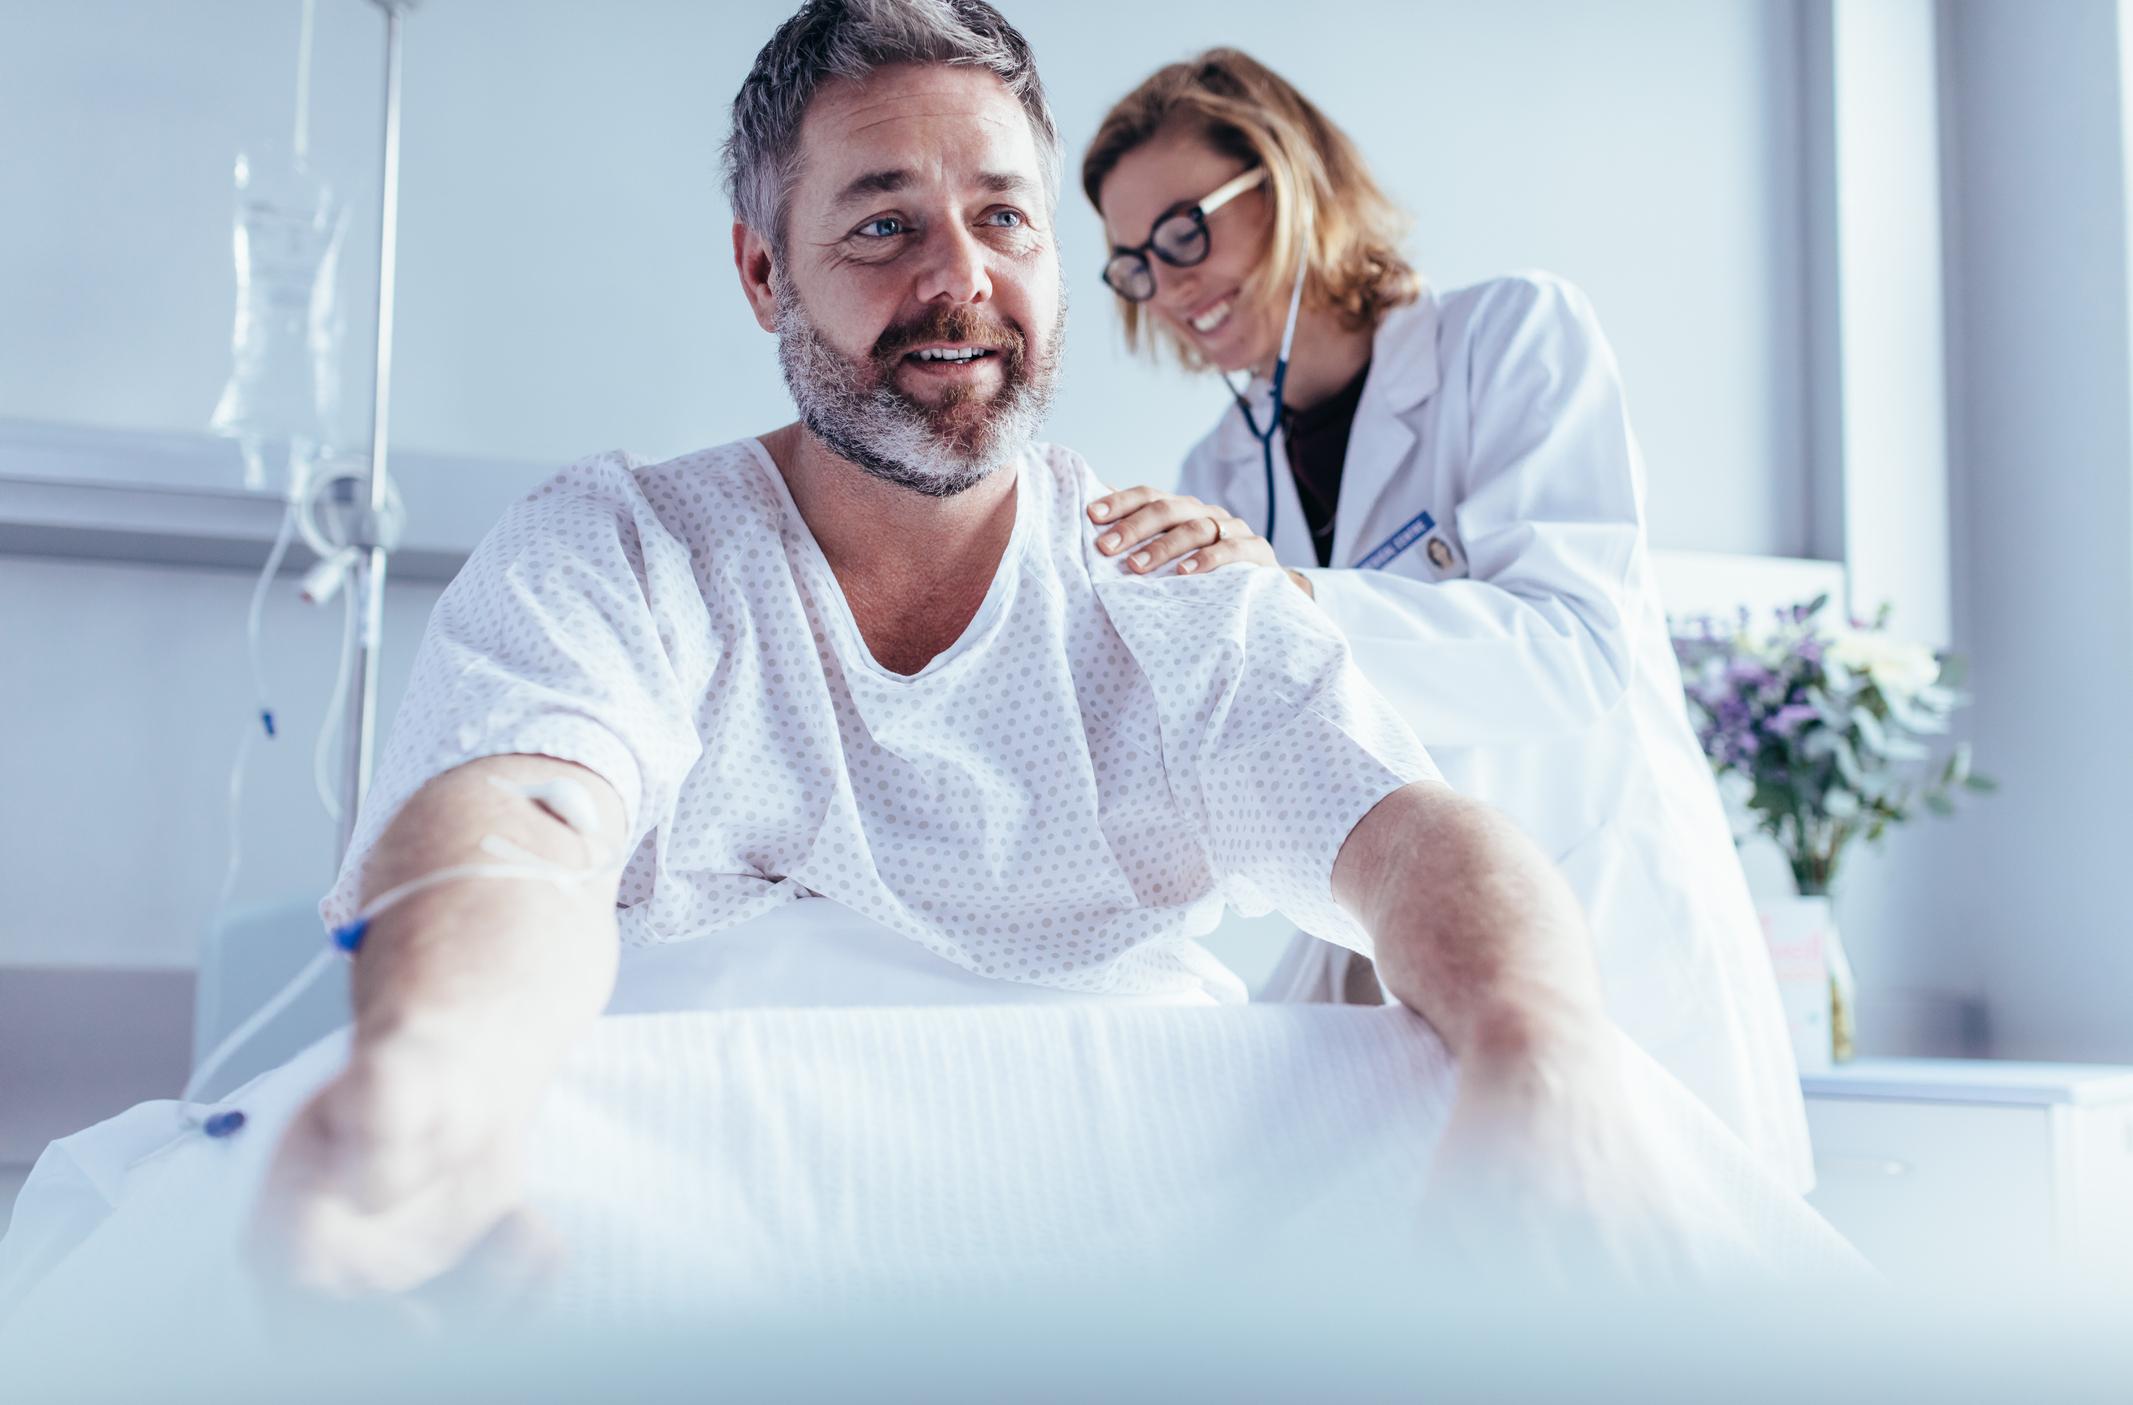 Otprilike polovica kirurških pacijenata koje je pratila ova studija imala je visok tlak, petina je patila od dijabetesa, a 13 posto od bolesti koronarnih arterija.